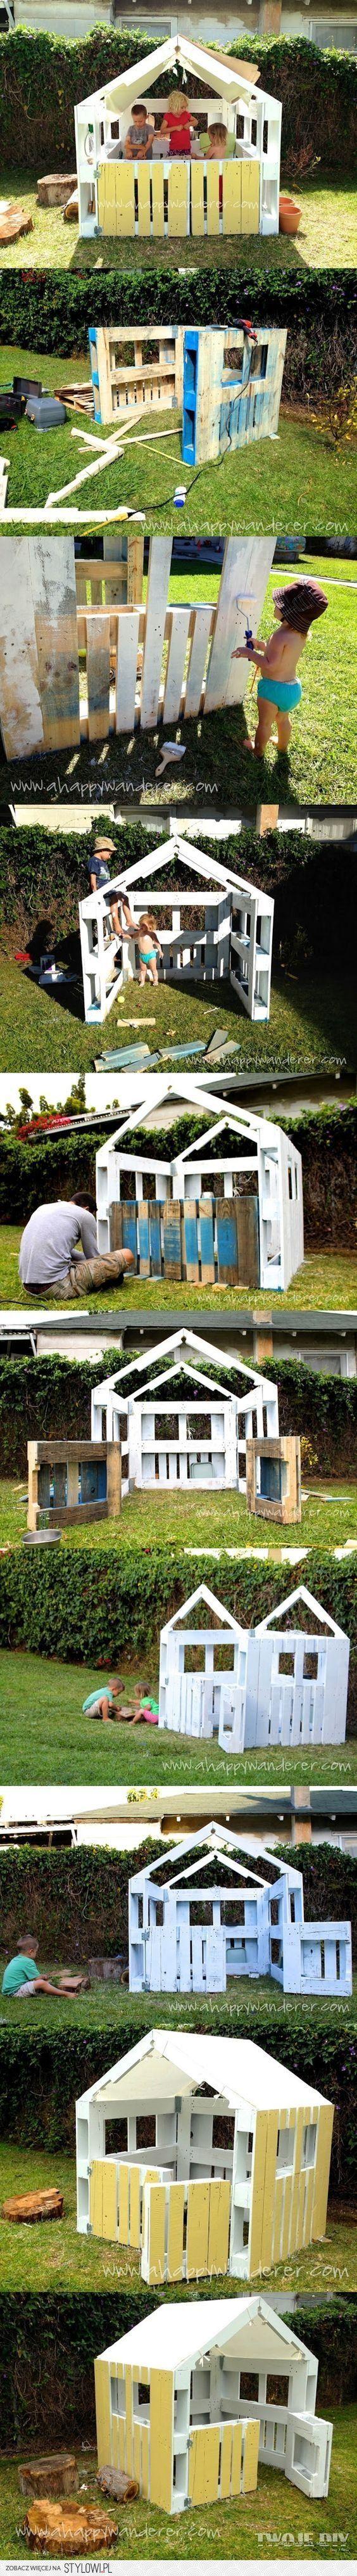 projet cabane pour baby Noé... quand il sera plus grand :-)